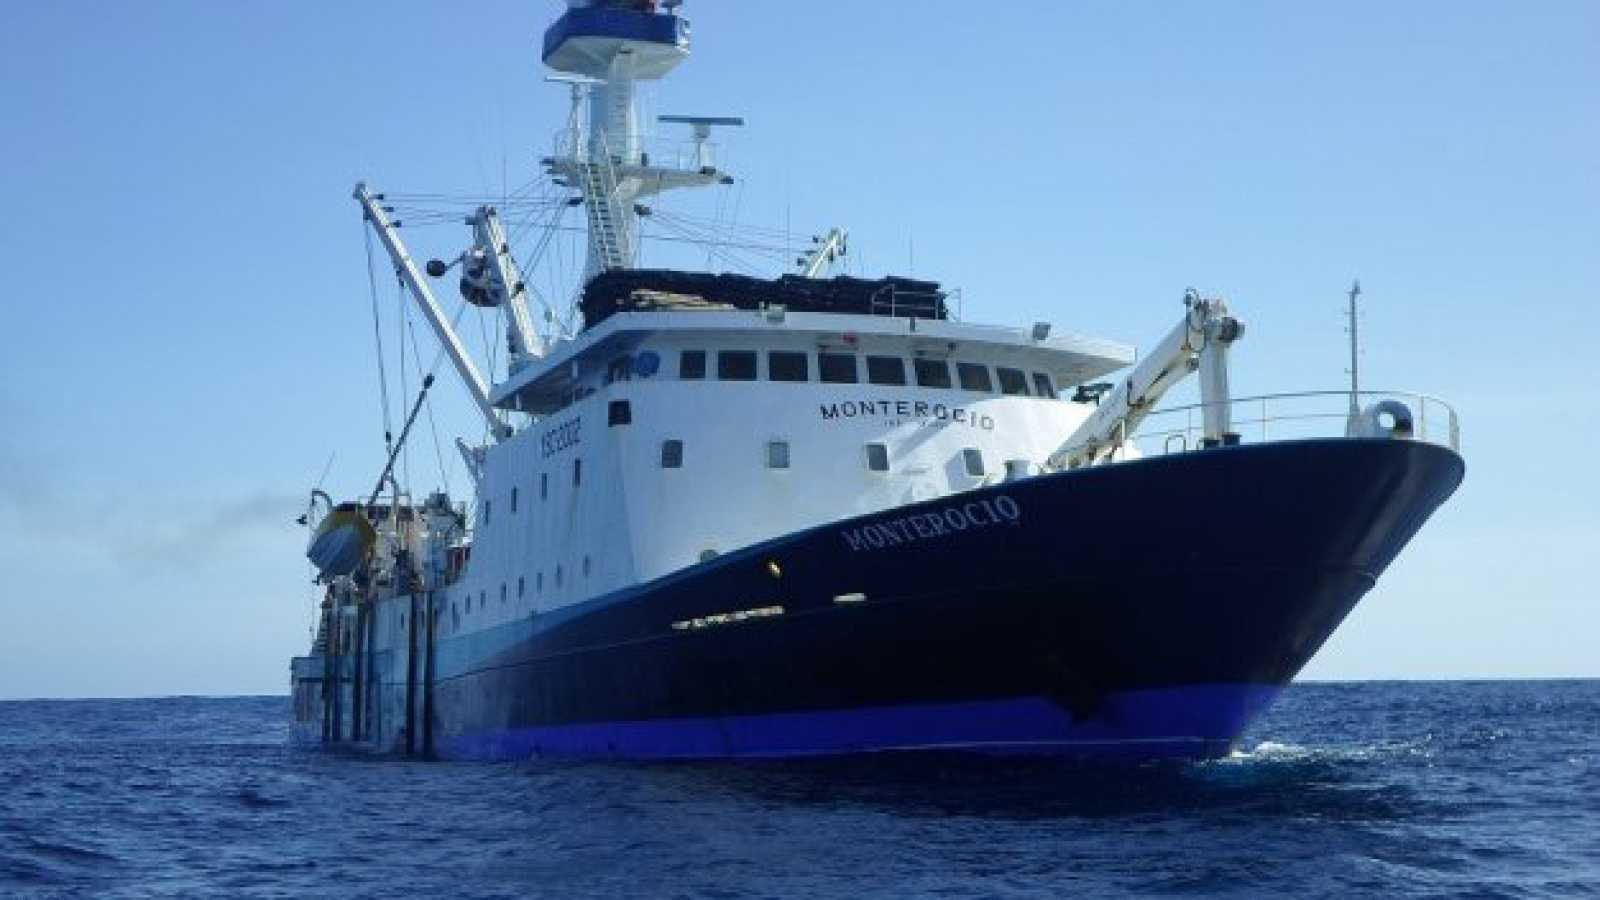 Españoles en la mar - Primera flota del mundo en certificar como sostenible toda su actividad - 05/10/20 - escuchar ahora